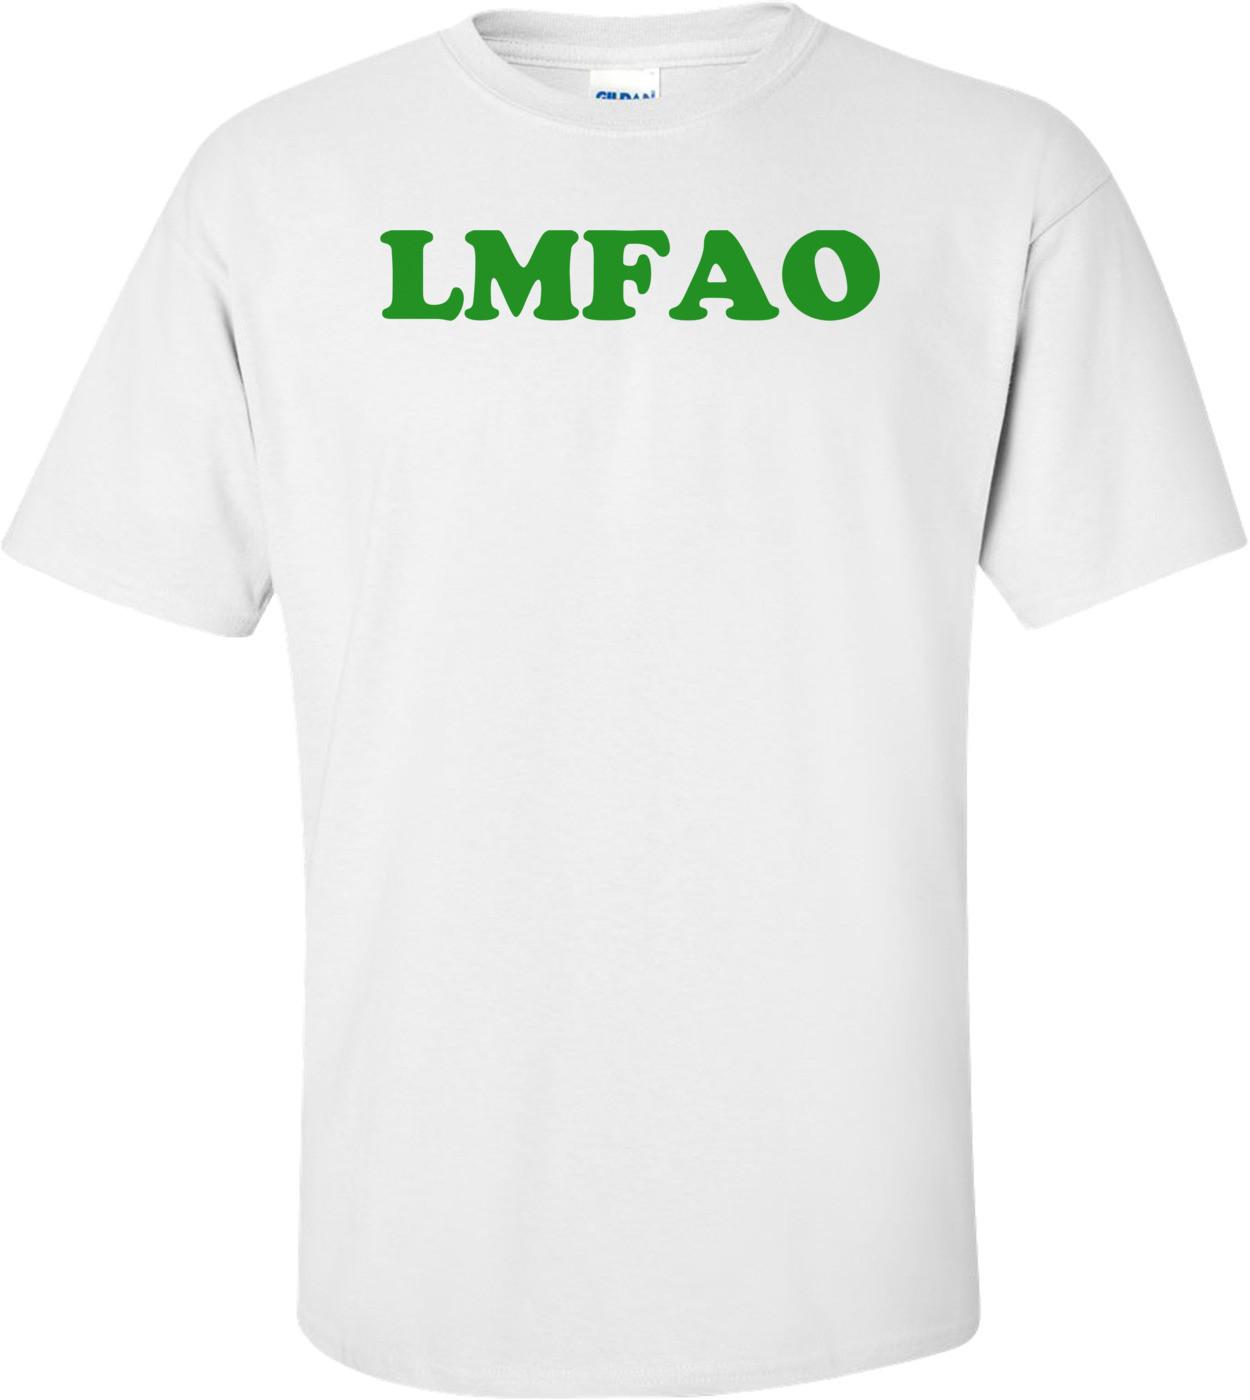 LMFAO Shirt